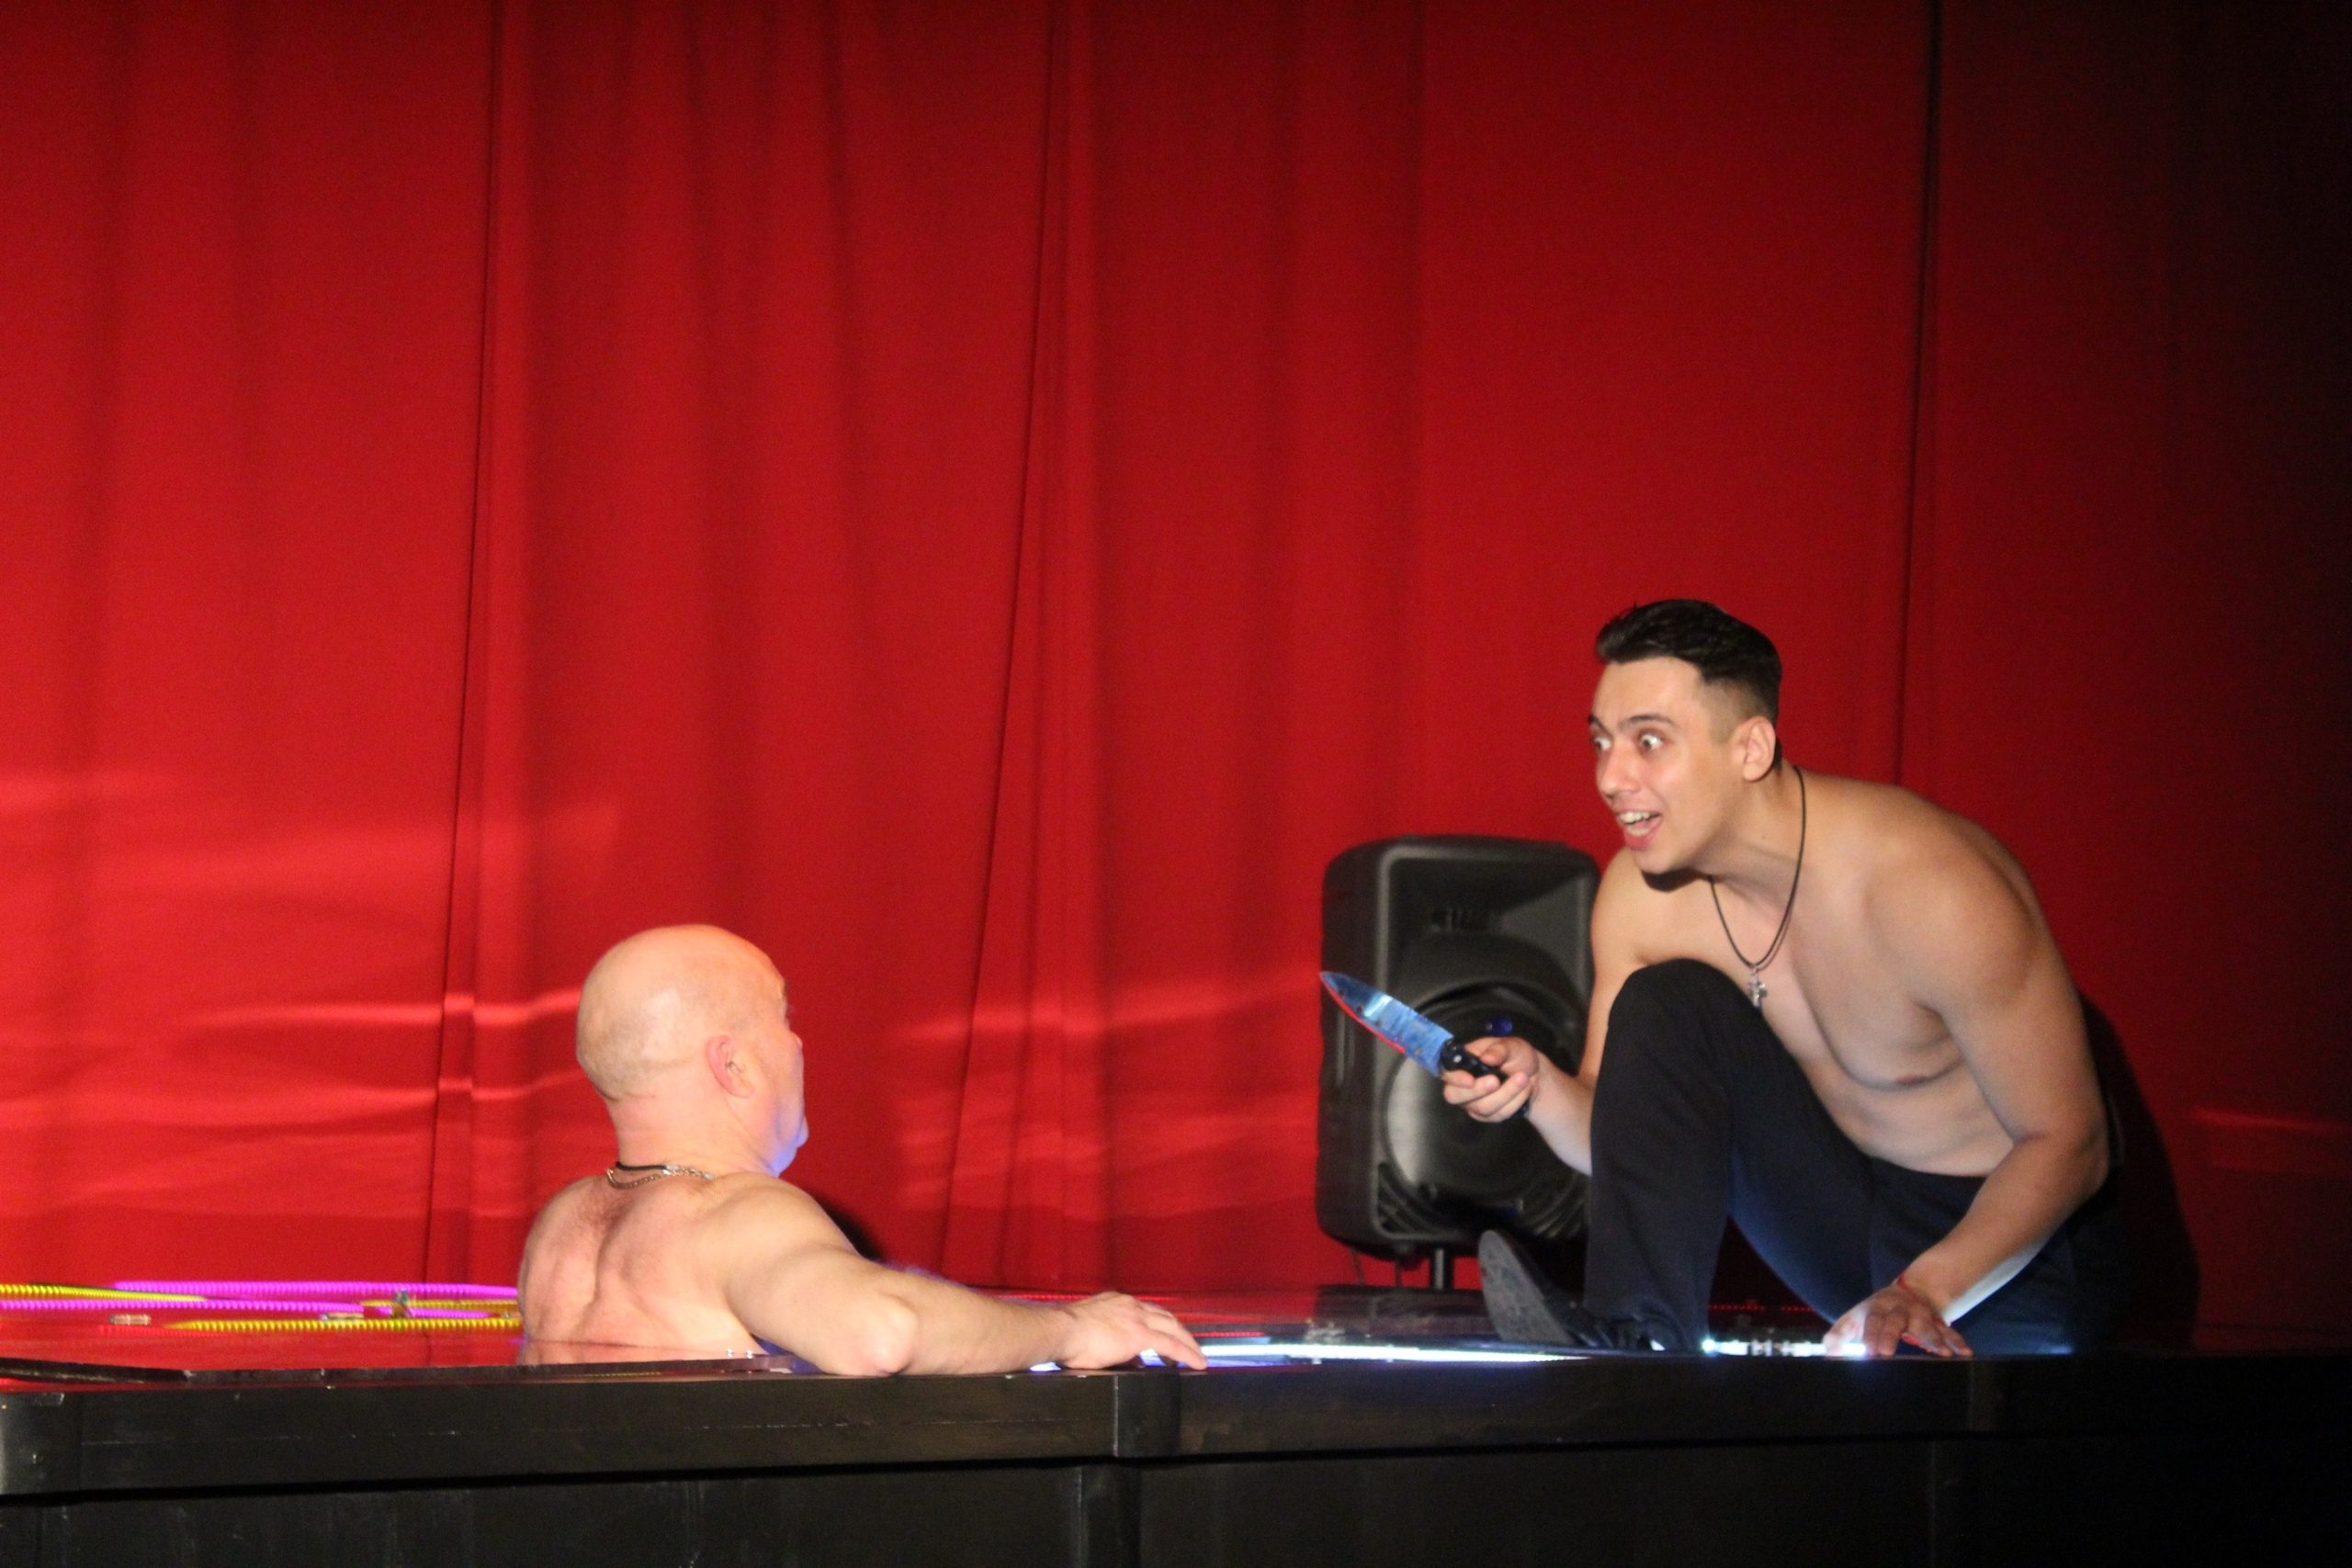 Театр поздравляет с днём рождения своего актёра Виктора Чекменёва3